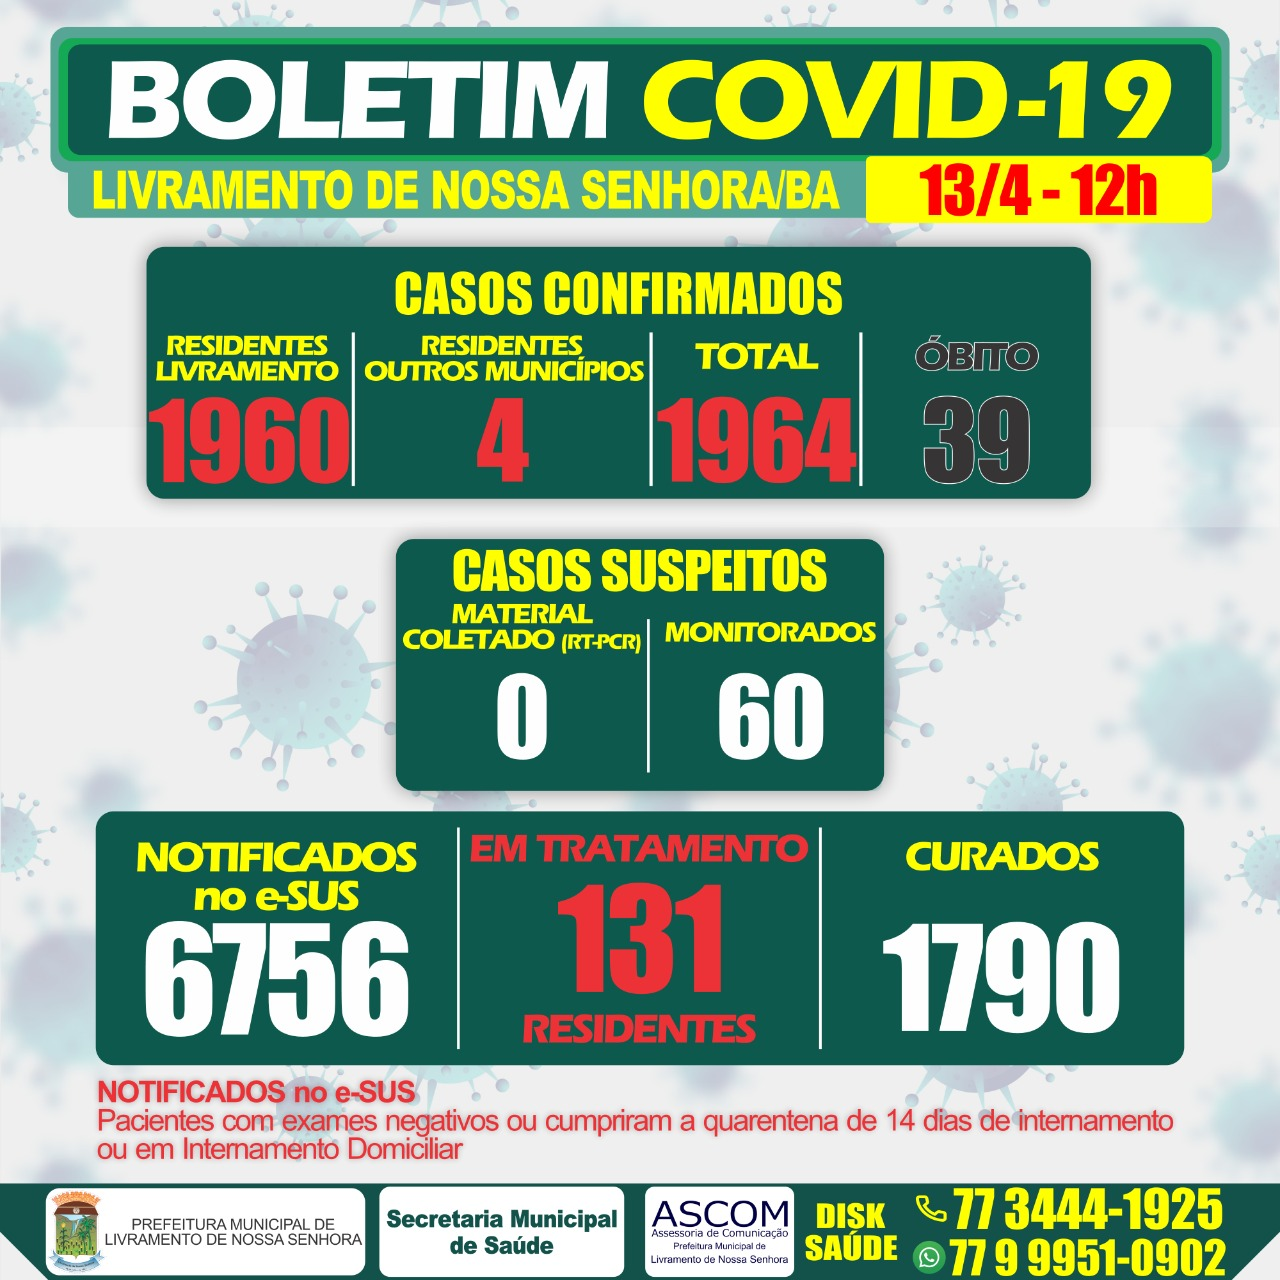 Livramento registra mais 03 óbito nas últimas 24 horas por Covid-19; total chega a 39